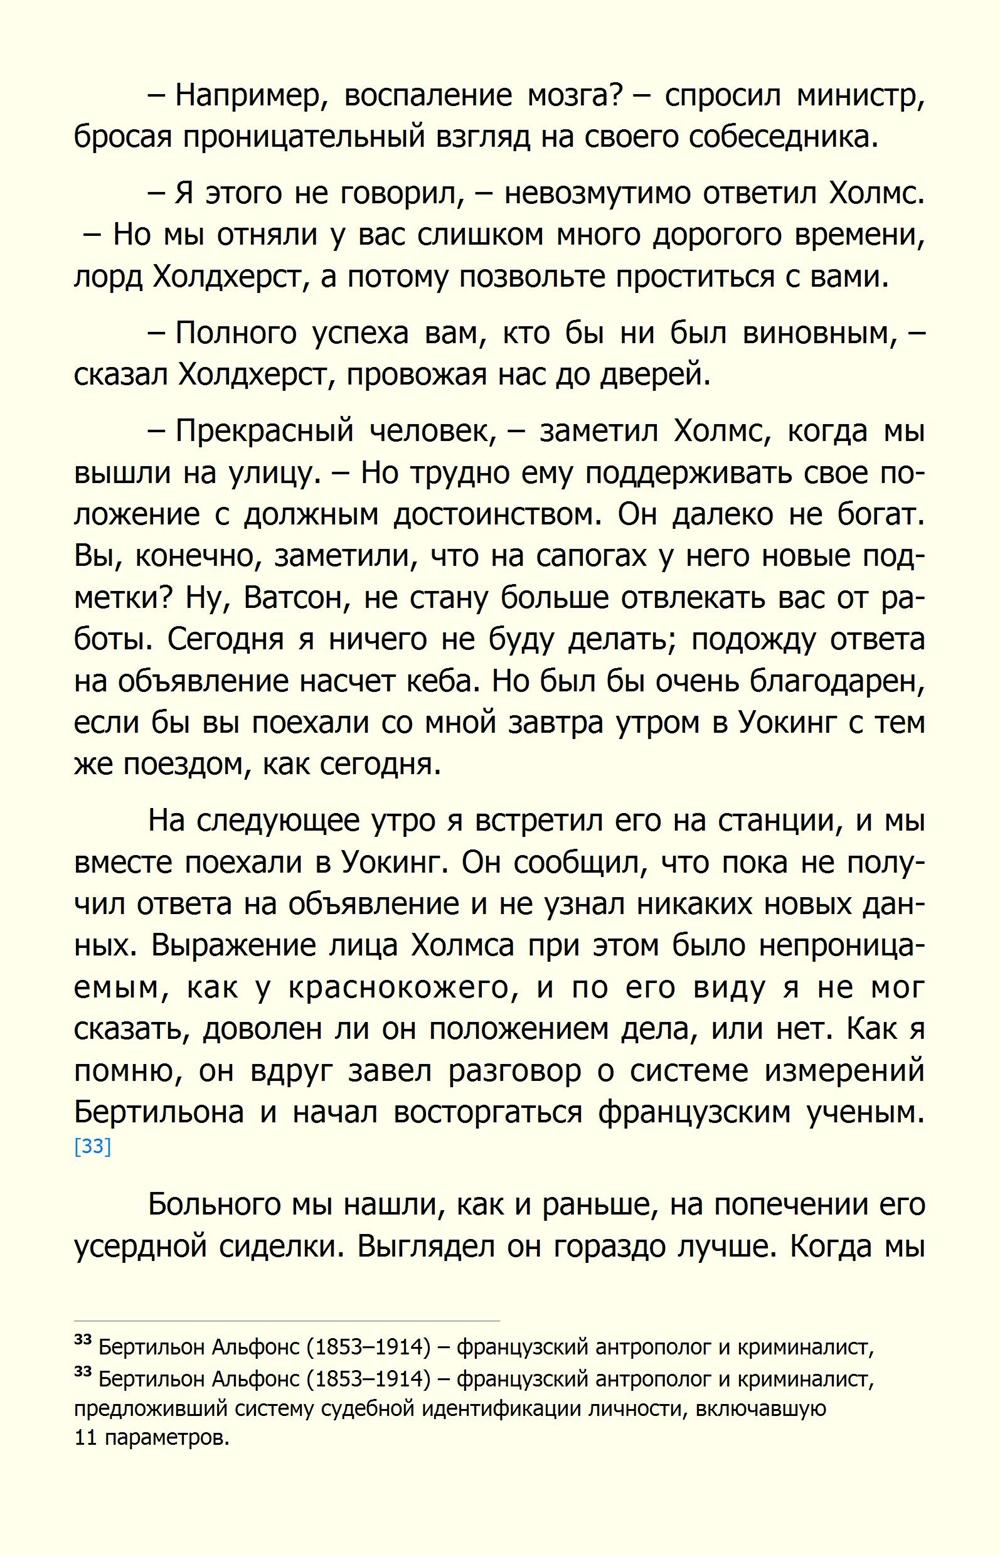 http://ipic.su/img/img7/fs/ArturKonanDojl.1579349036.jpg